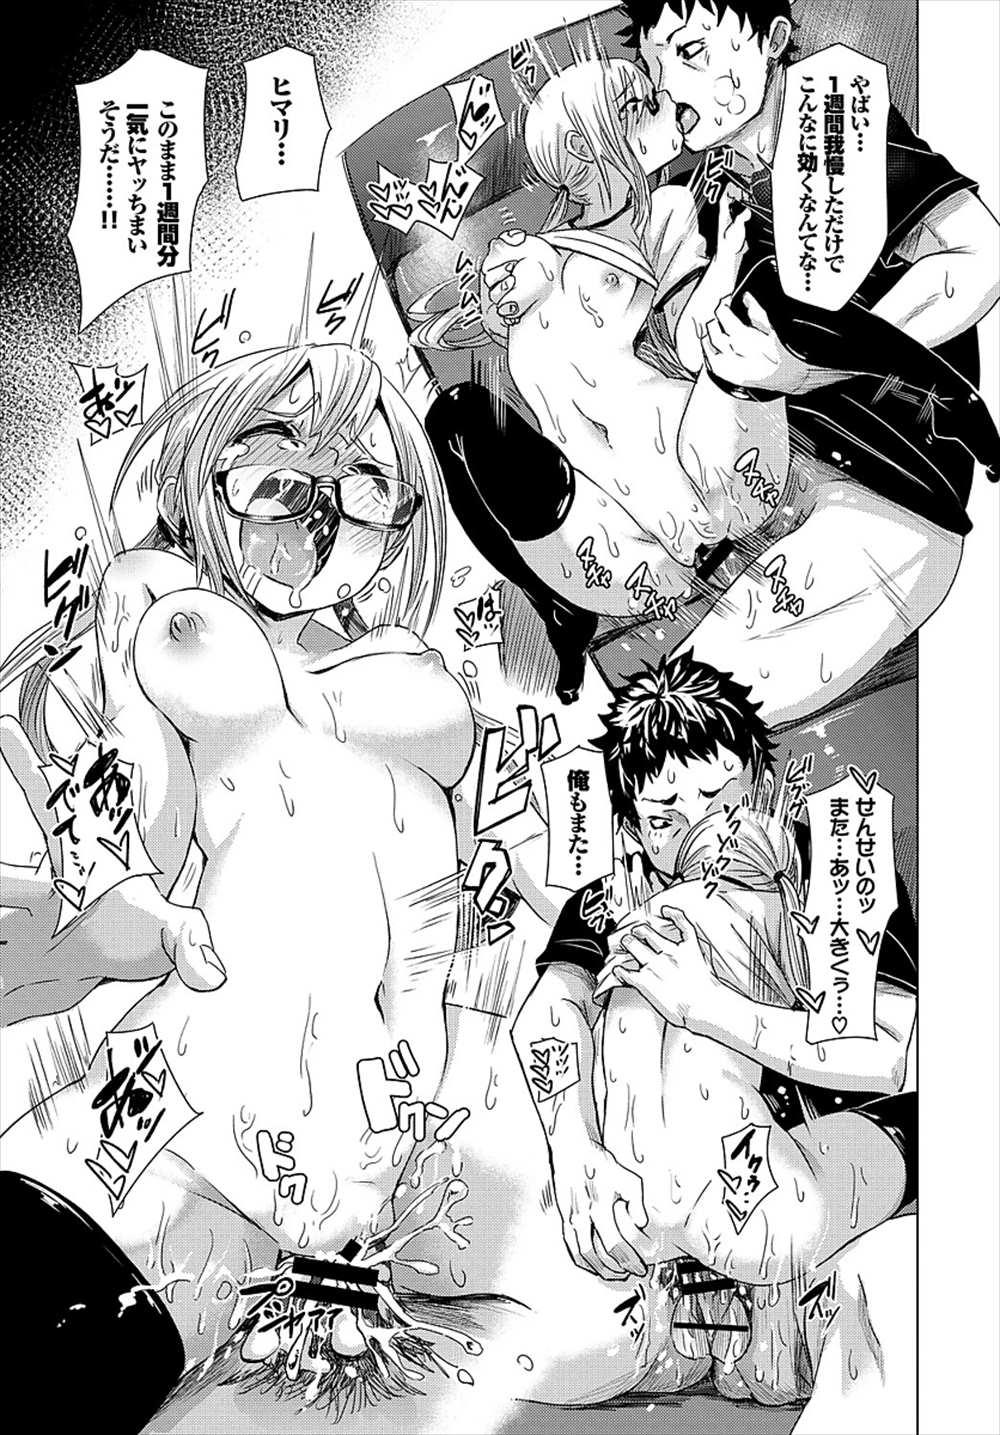 【エロ漫画】連続絶頂のためにオナ禁…JKが発情して生中出しファックwww【fu-ta:興味120%】